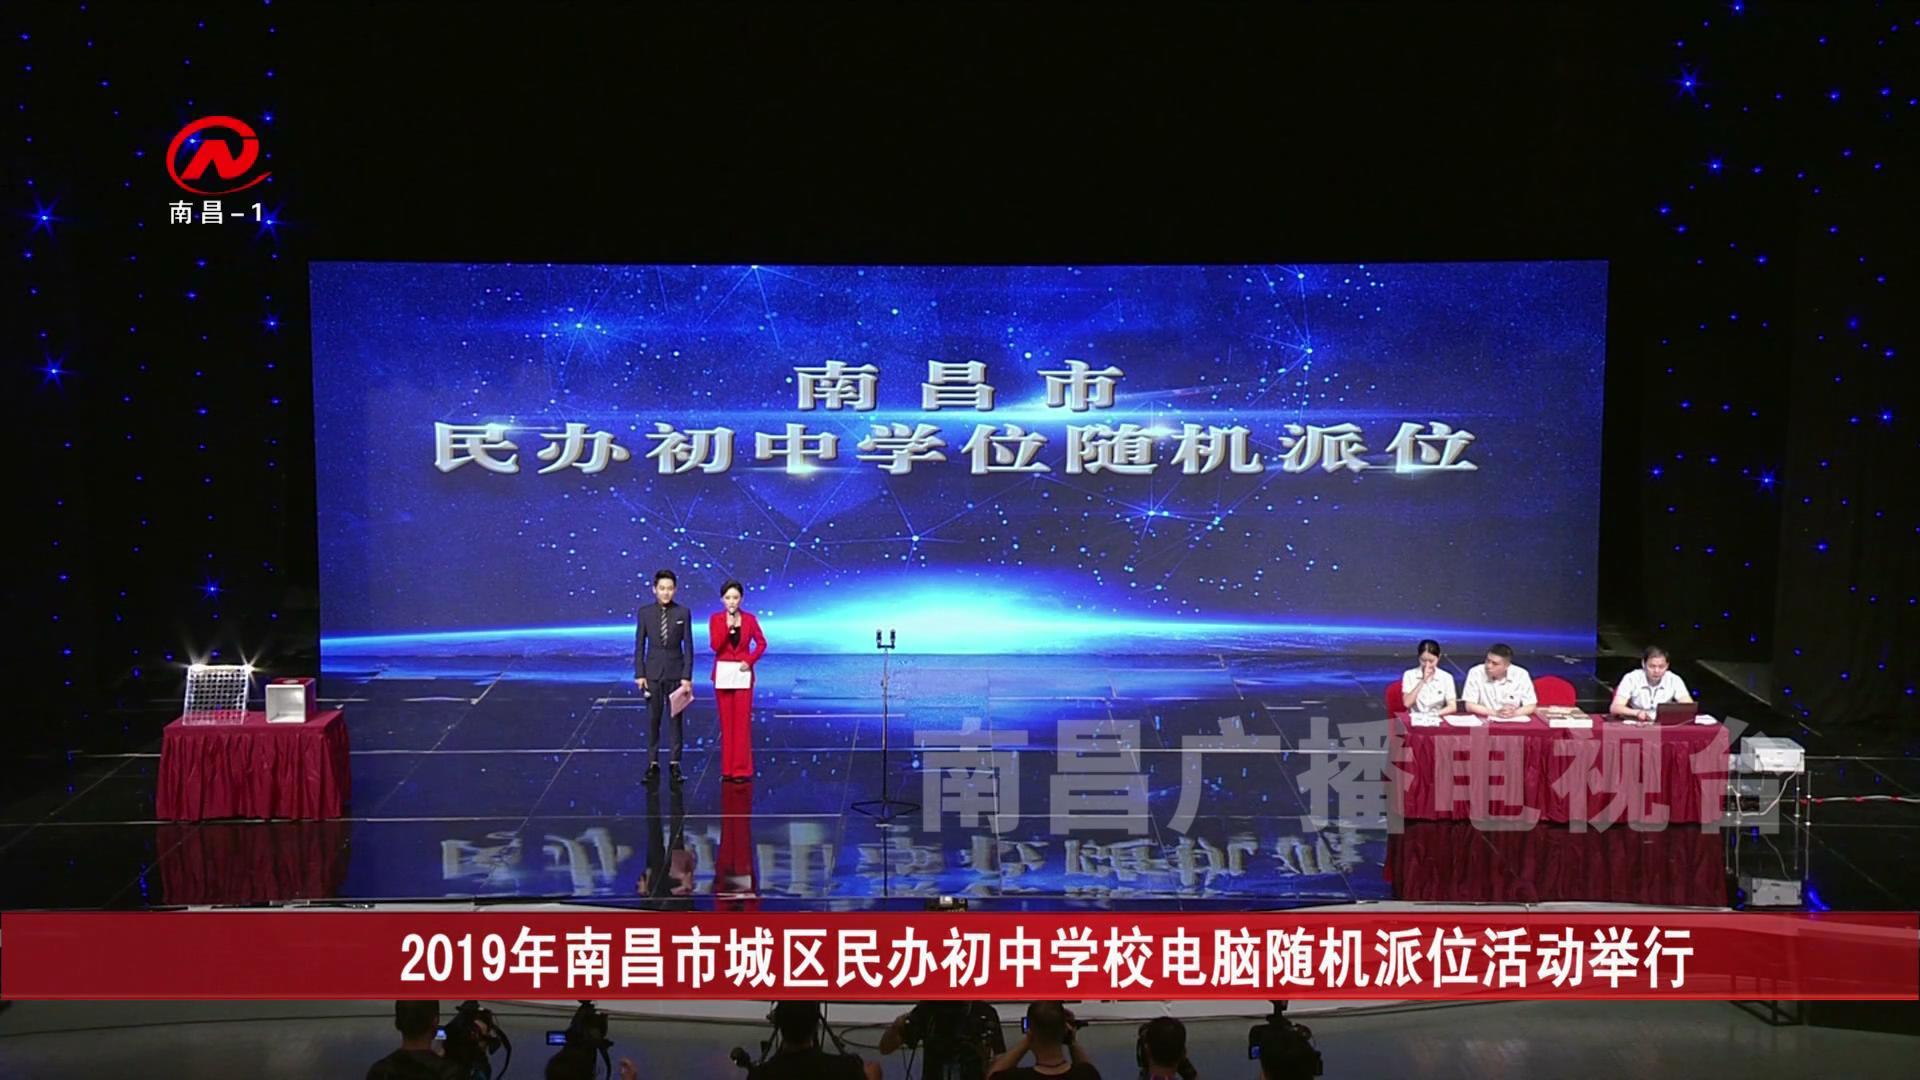 2019年南昌市城區民辦初中學校電腦隨機派位活動舉行